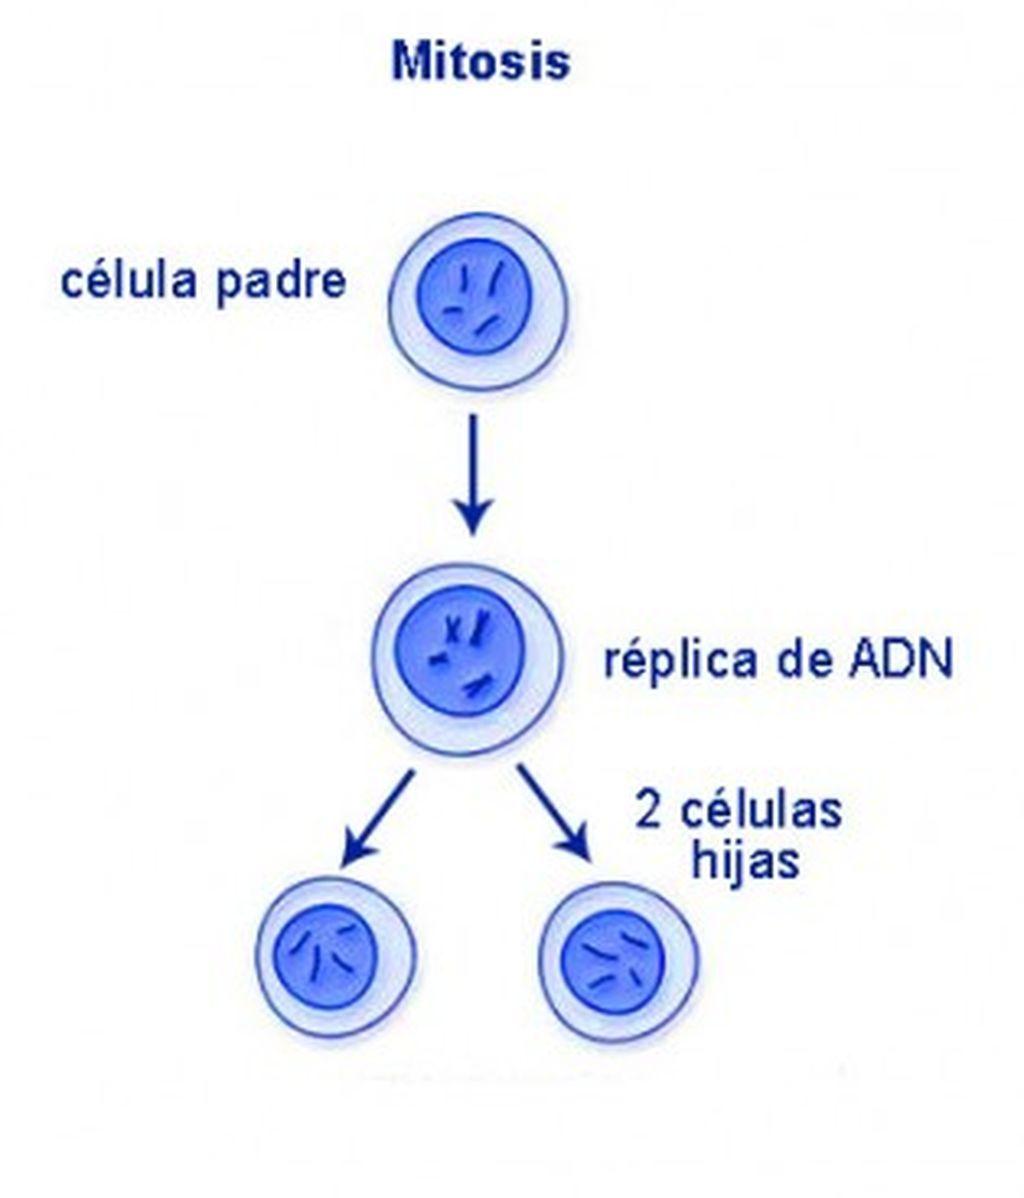 Ciclo de vida de una célula durante la mitosis